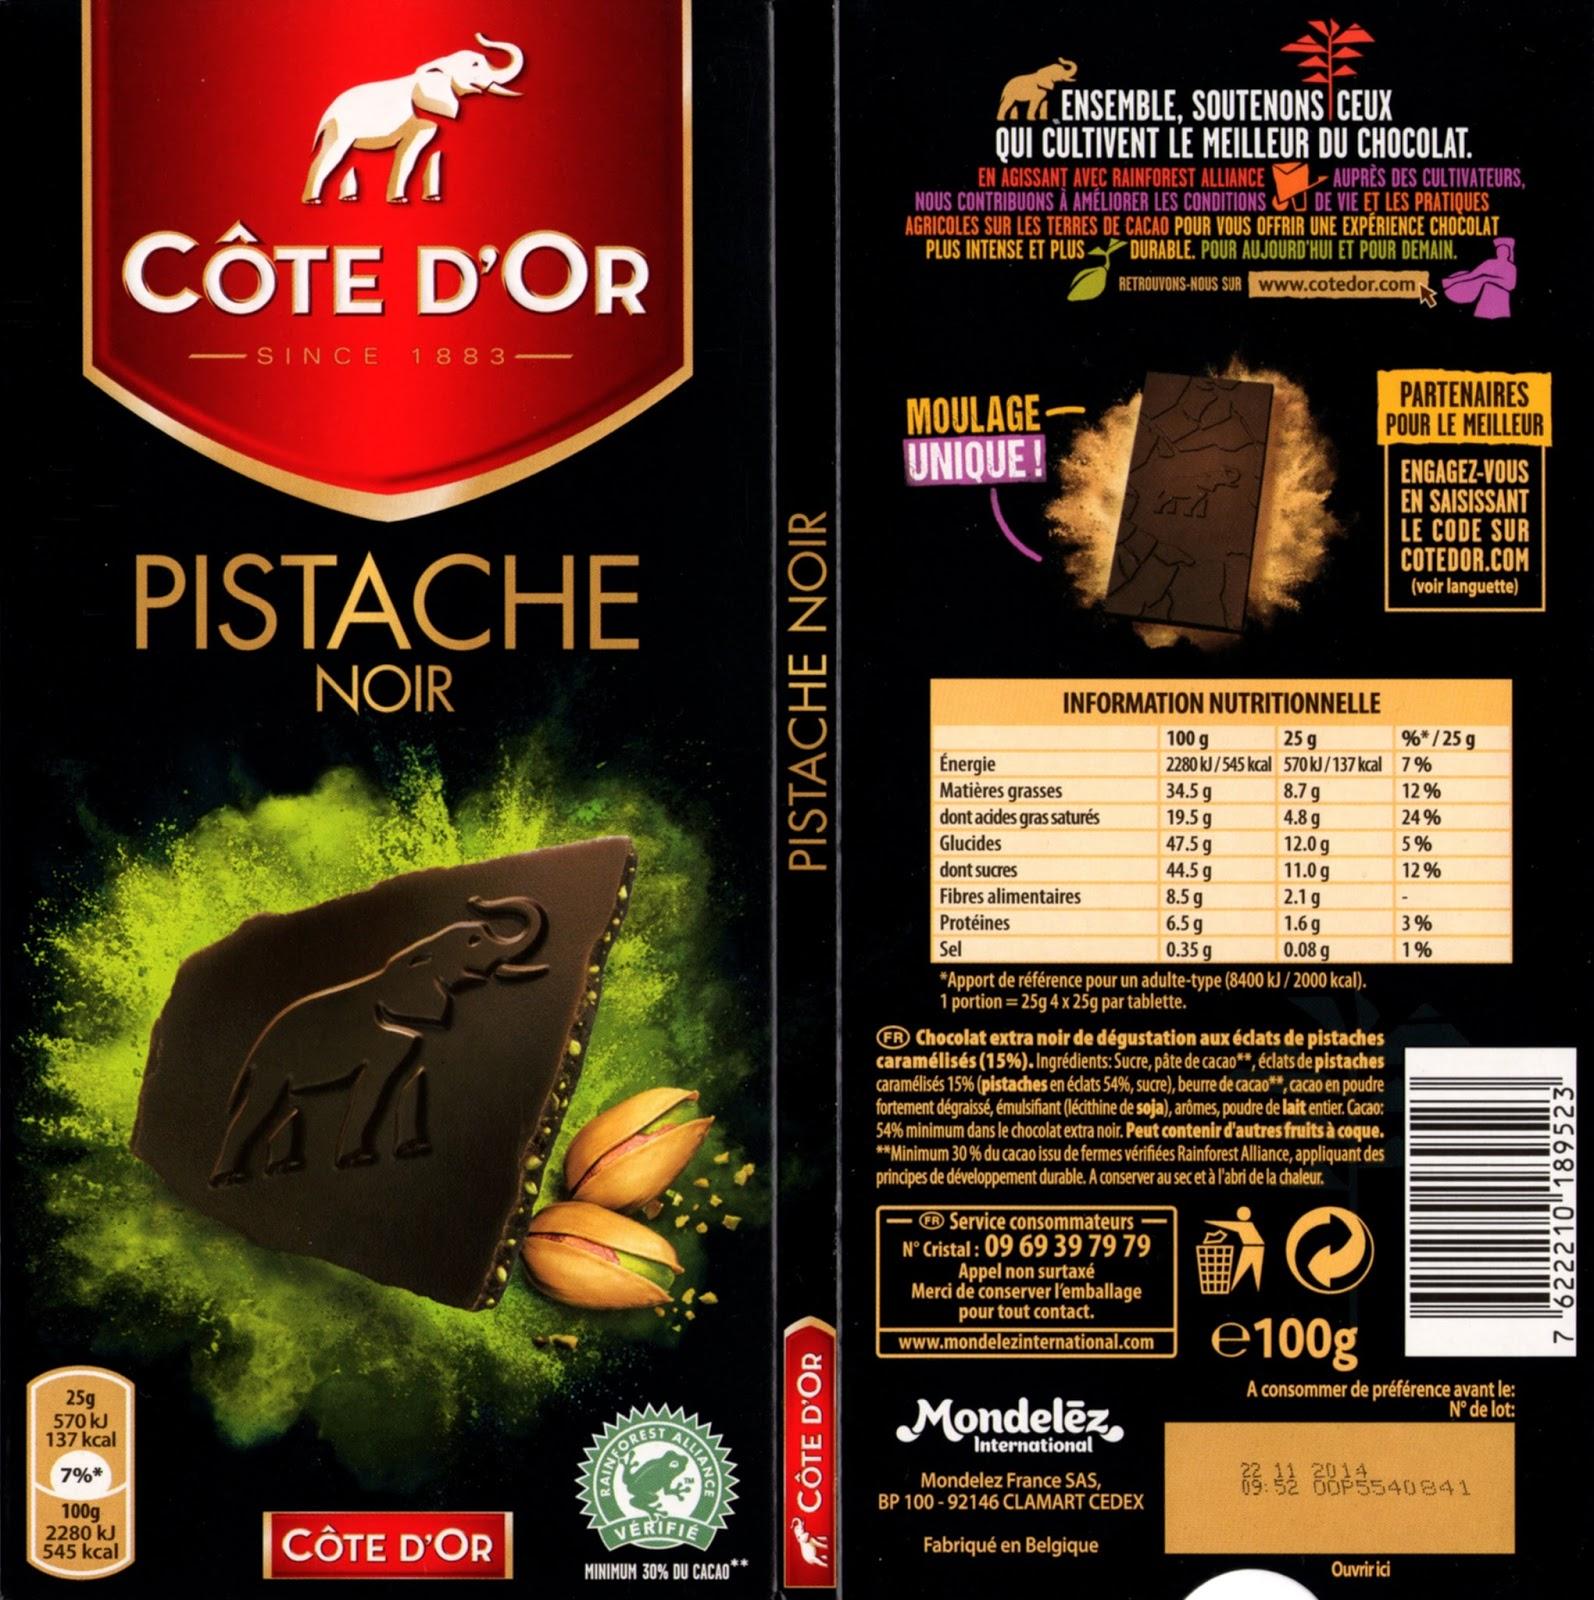 tablette de chocolat noir gourmand côte d'or pistache noir 54